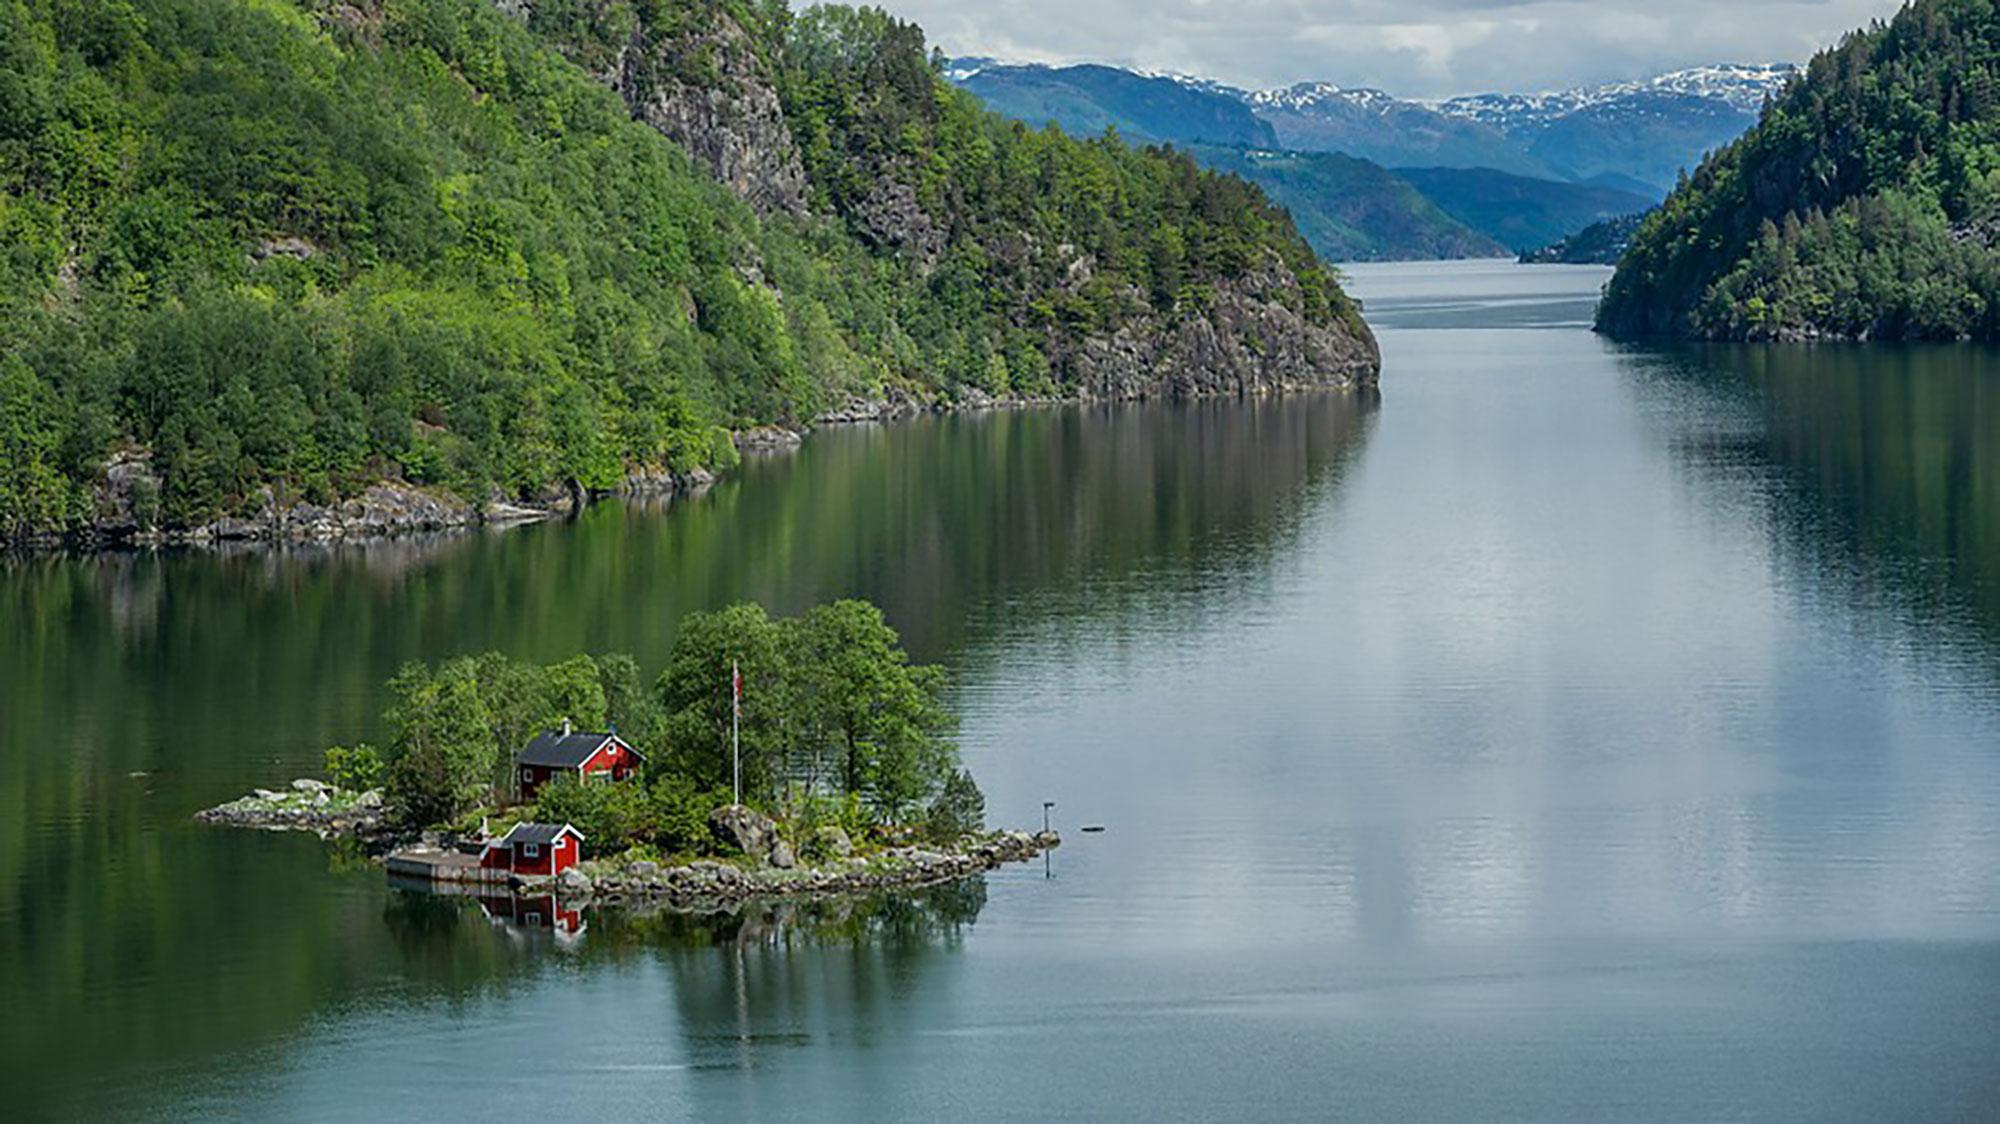 Lovrafjorden